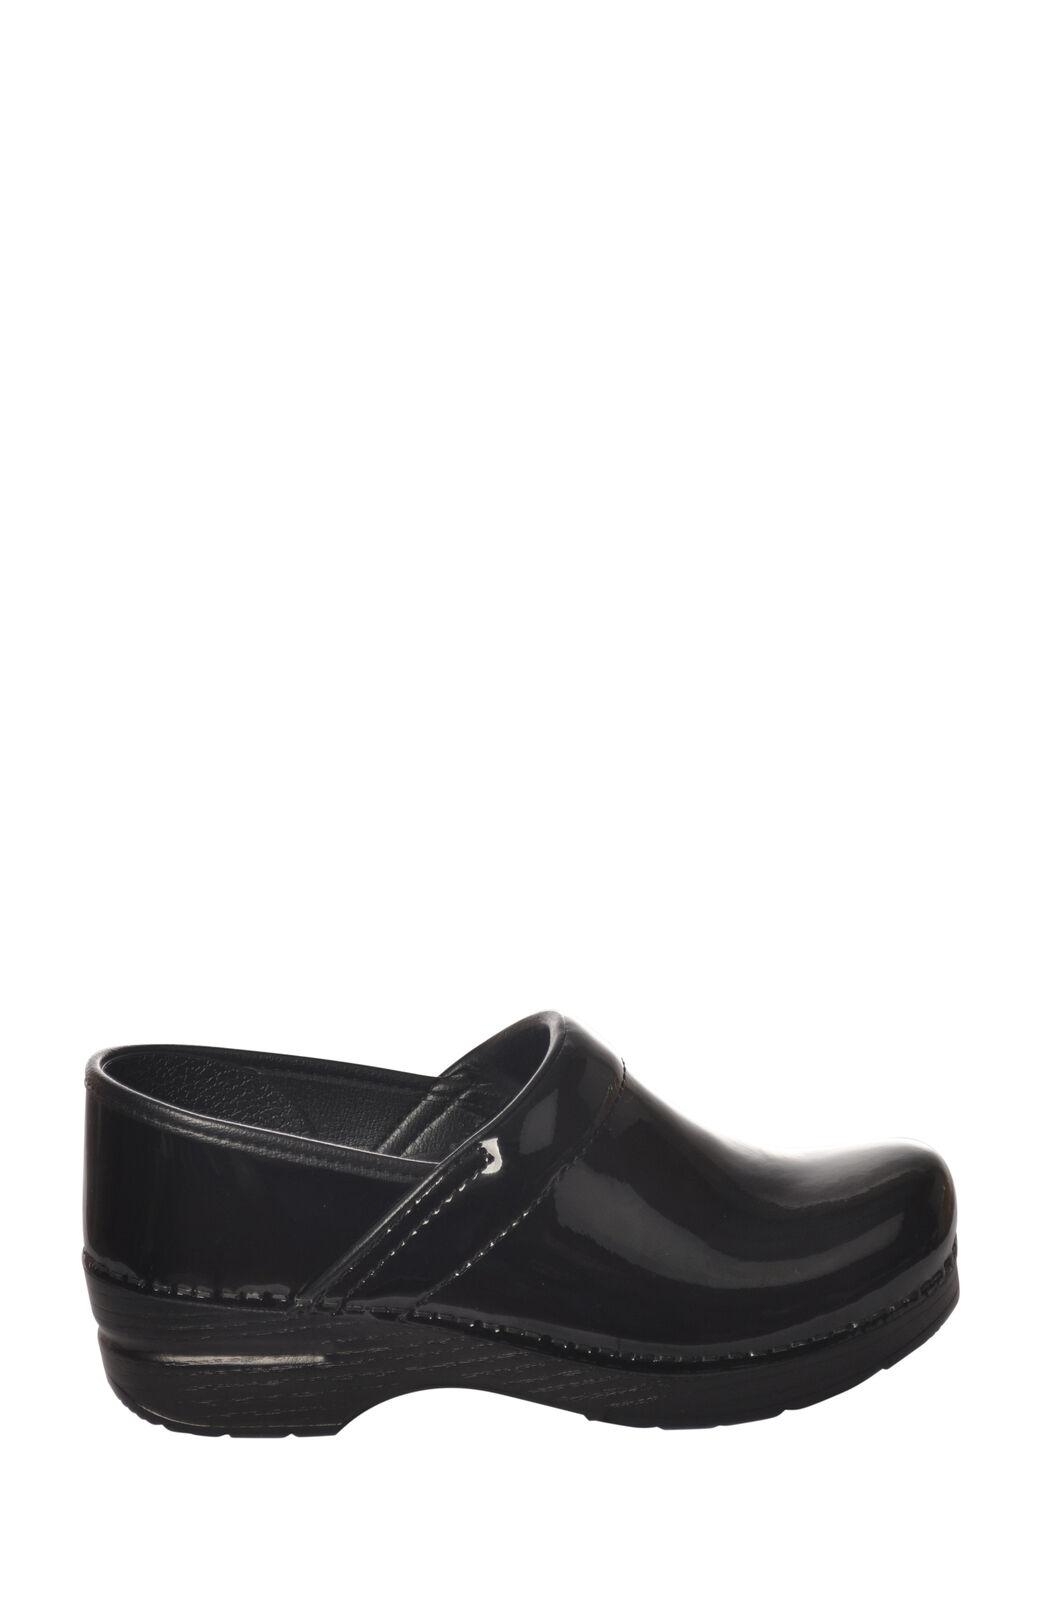 Dansko - zapatos - mujer - Negro - 6518420i190829